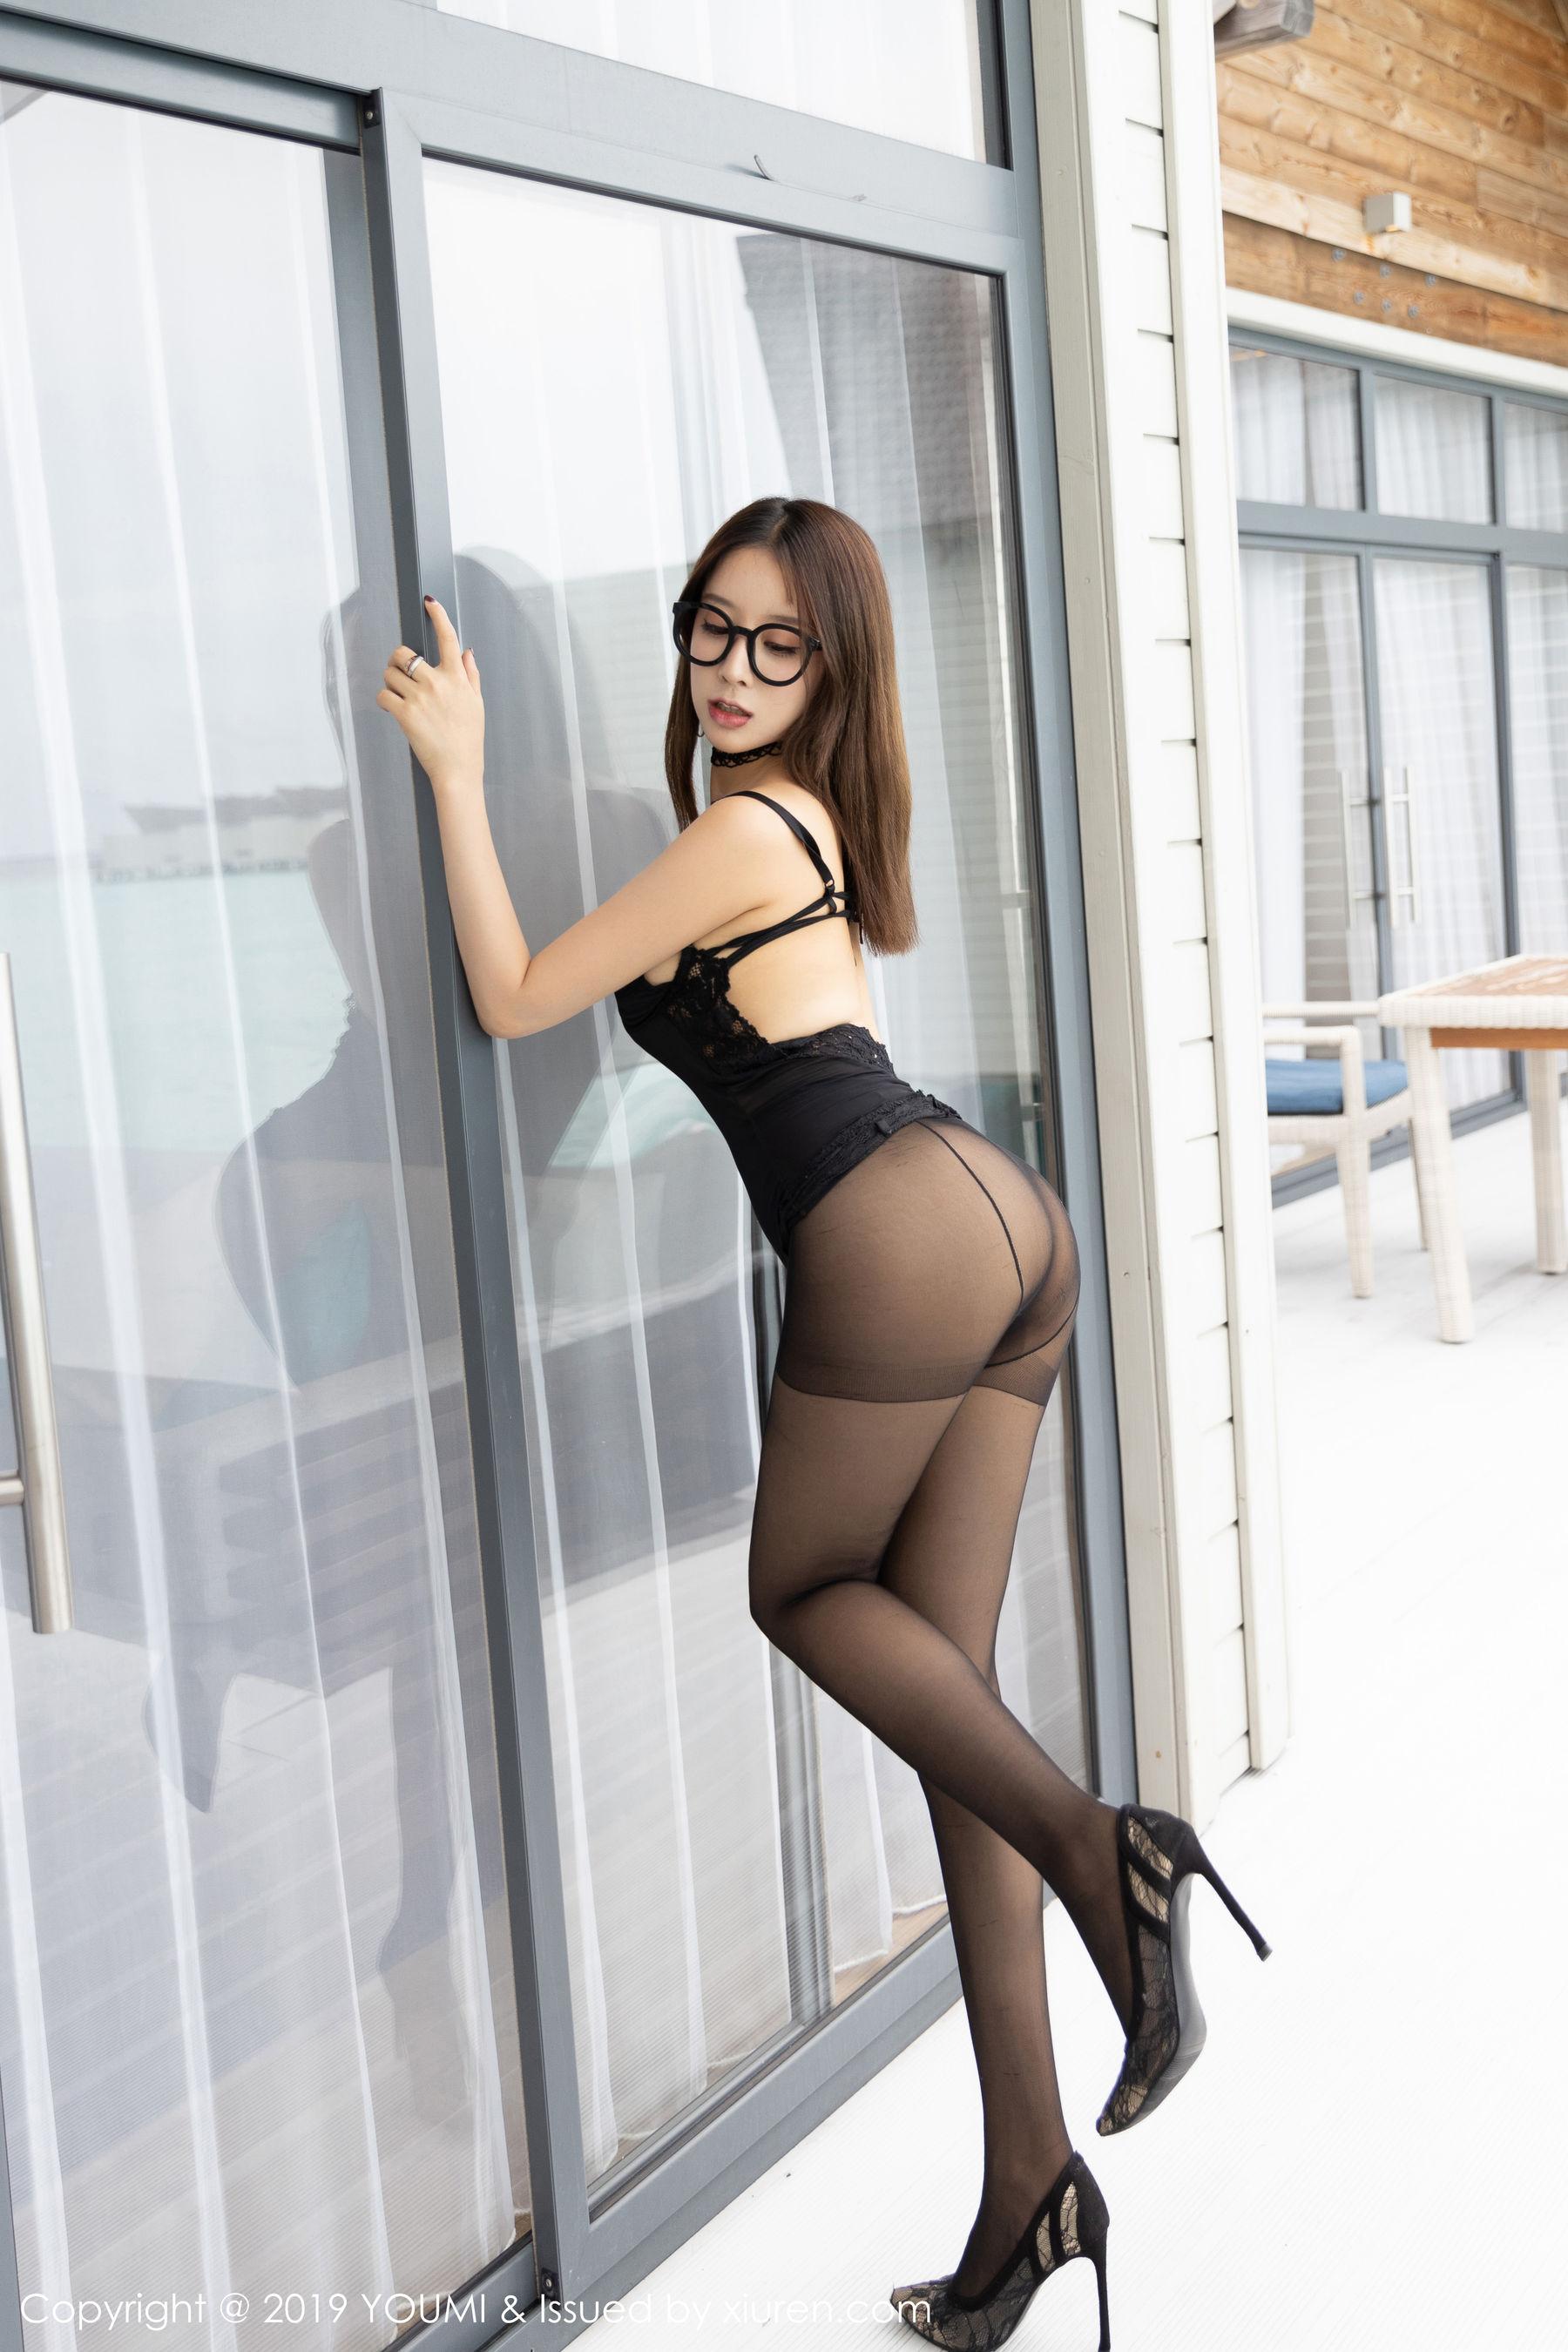 [尤蜜荟]筱慧Vol.372超高清写真大图片(40P) 876热度